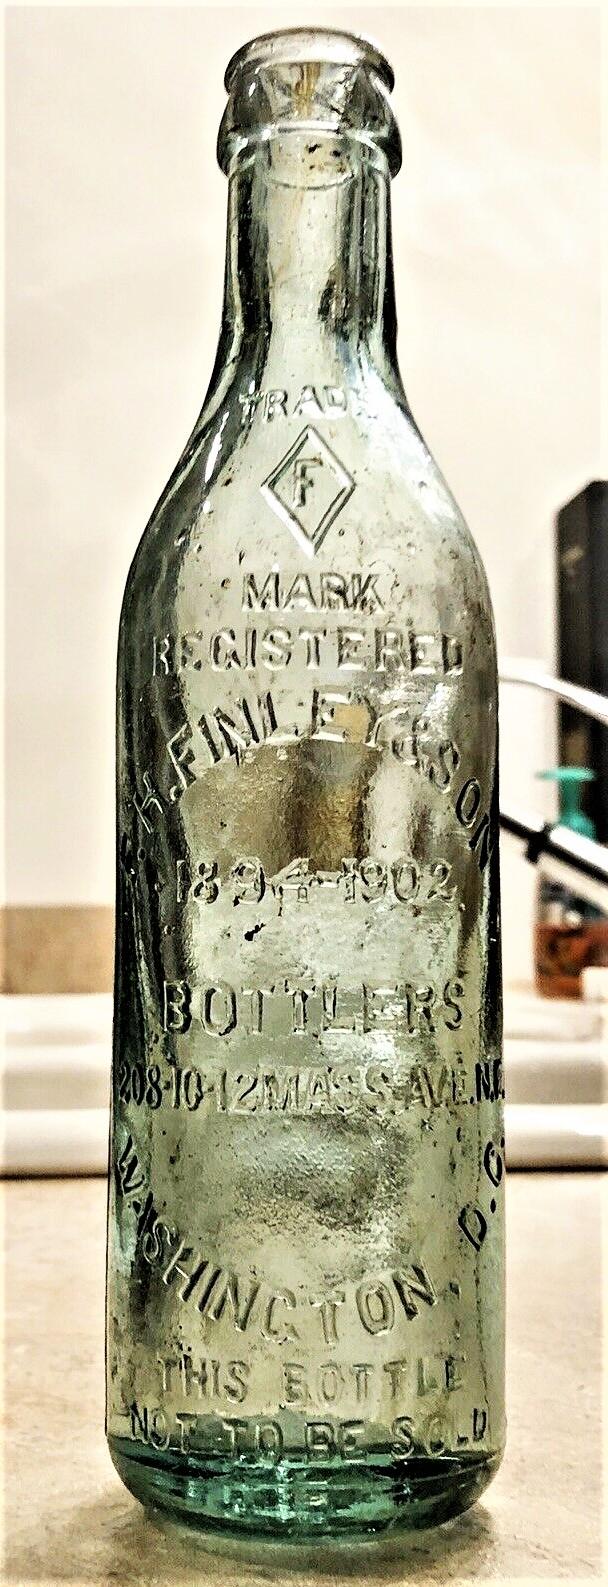 F H Finley & Son Bottle eBay June 8, 2020.jpg